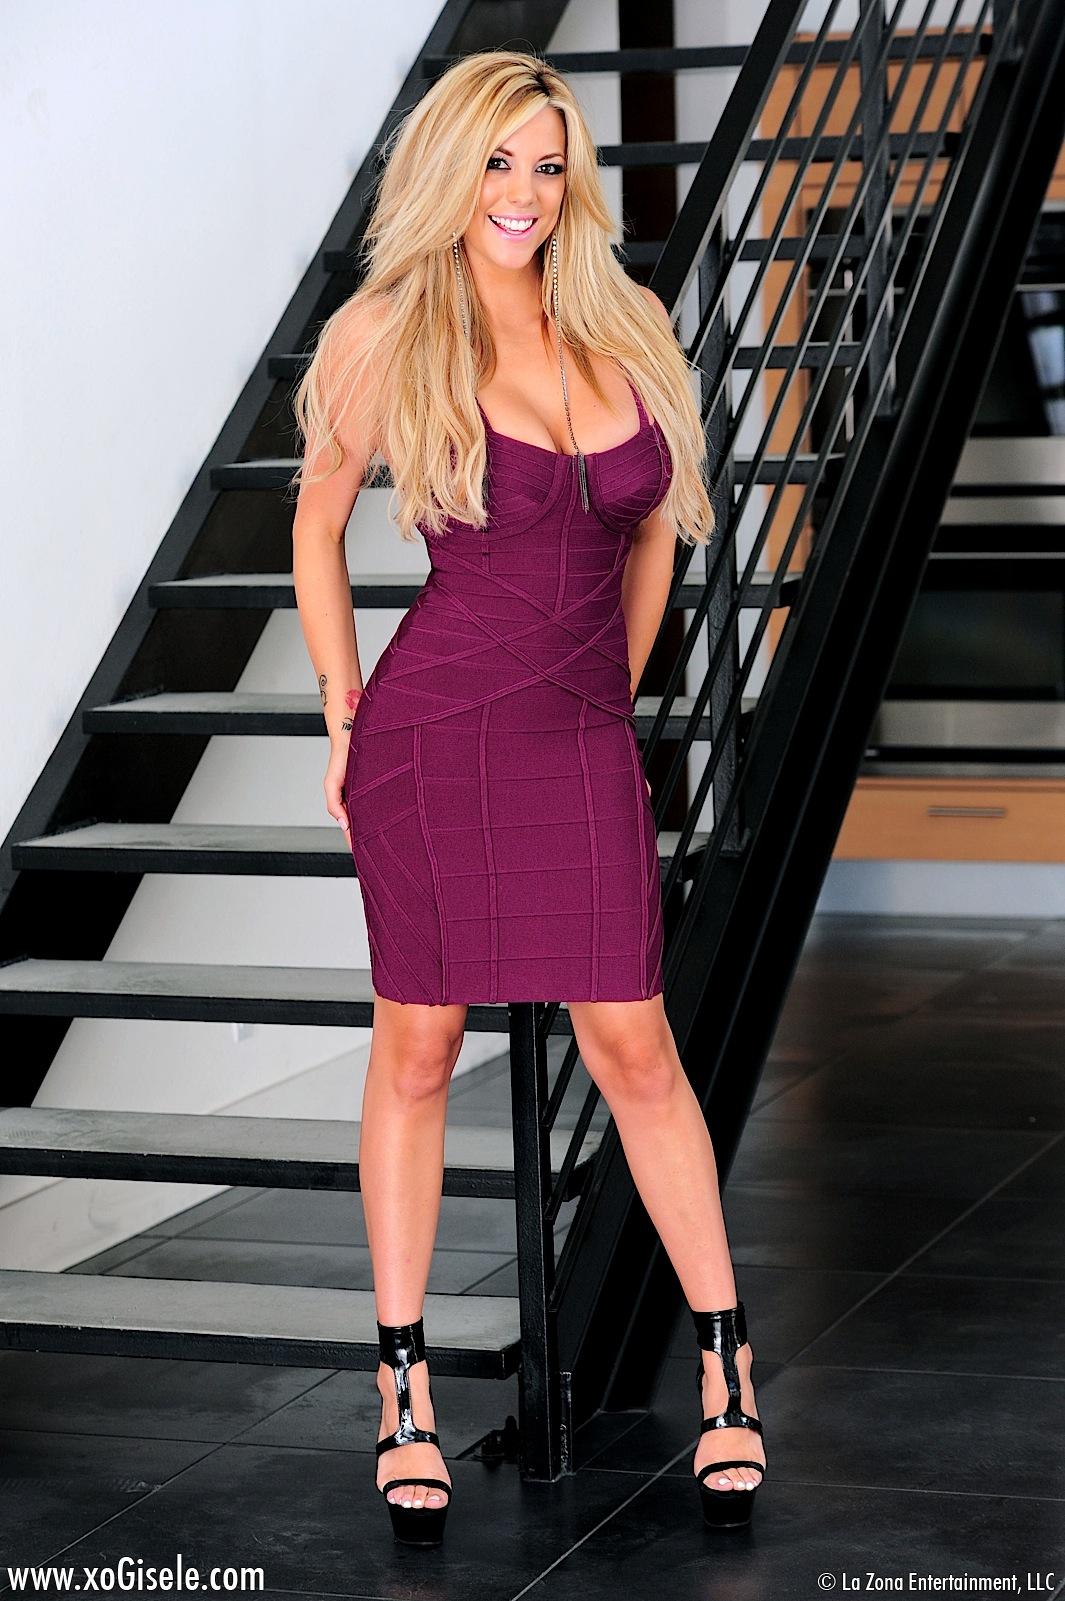 xo gisele stairway strip girlsfordays